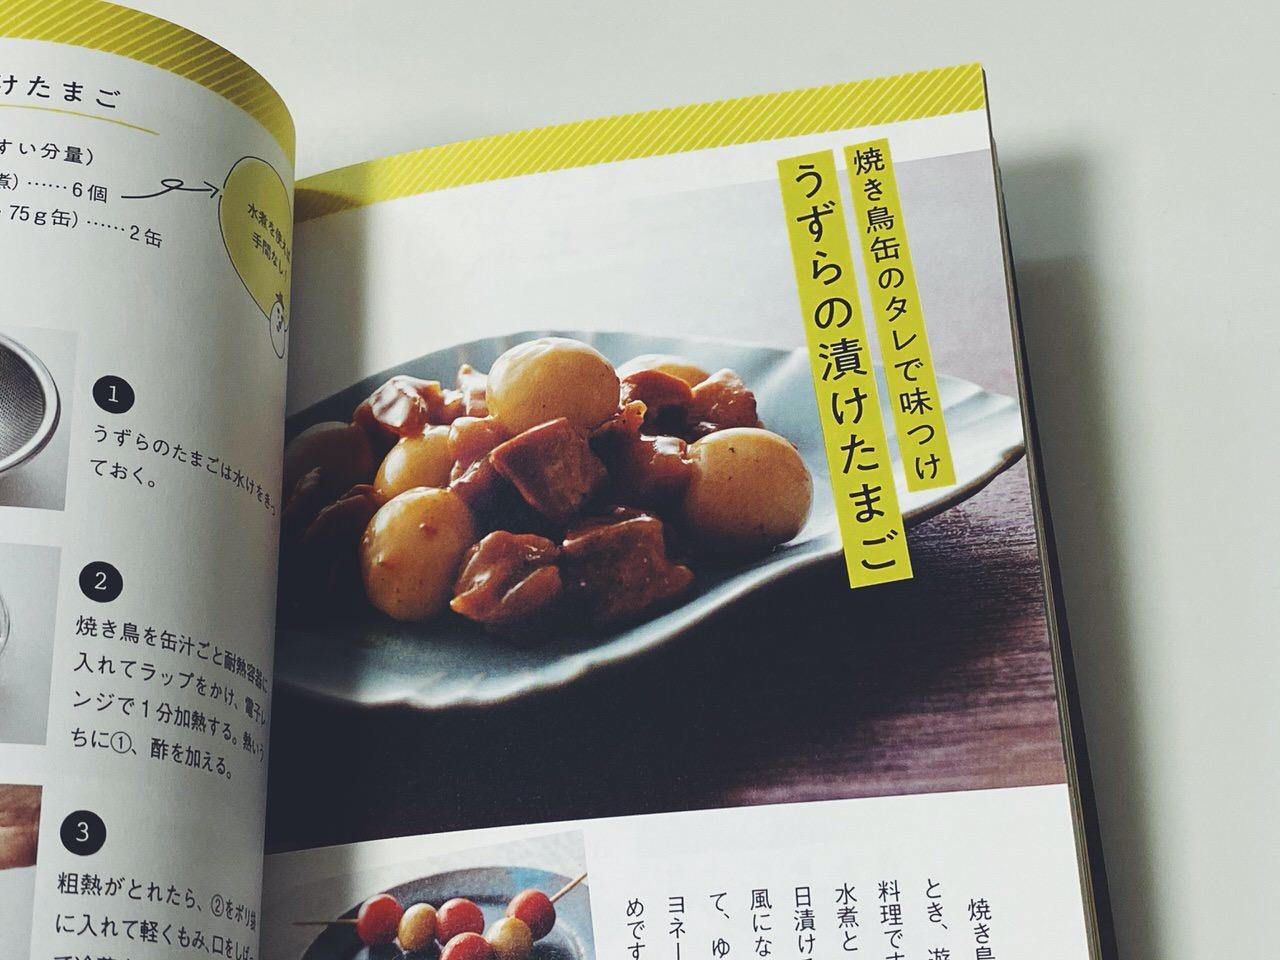 【書評】料理未経験者のための料理本「たまごかけご飯だって、立派な自炊です。」4